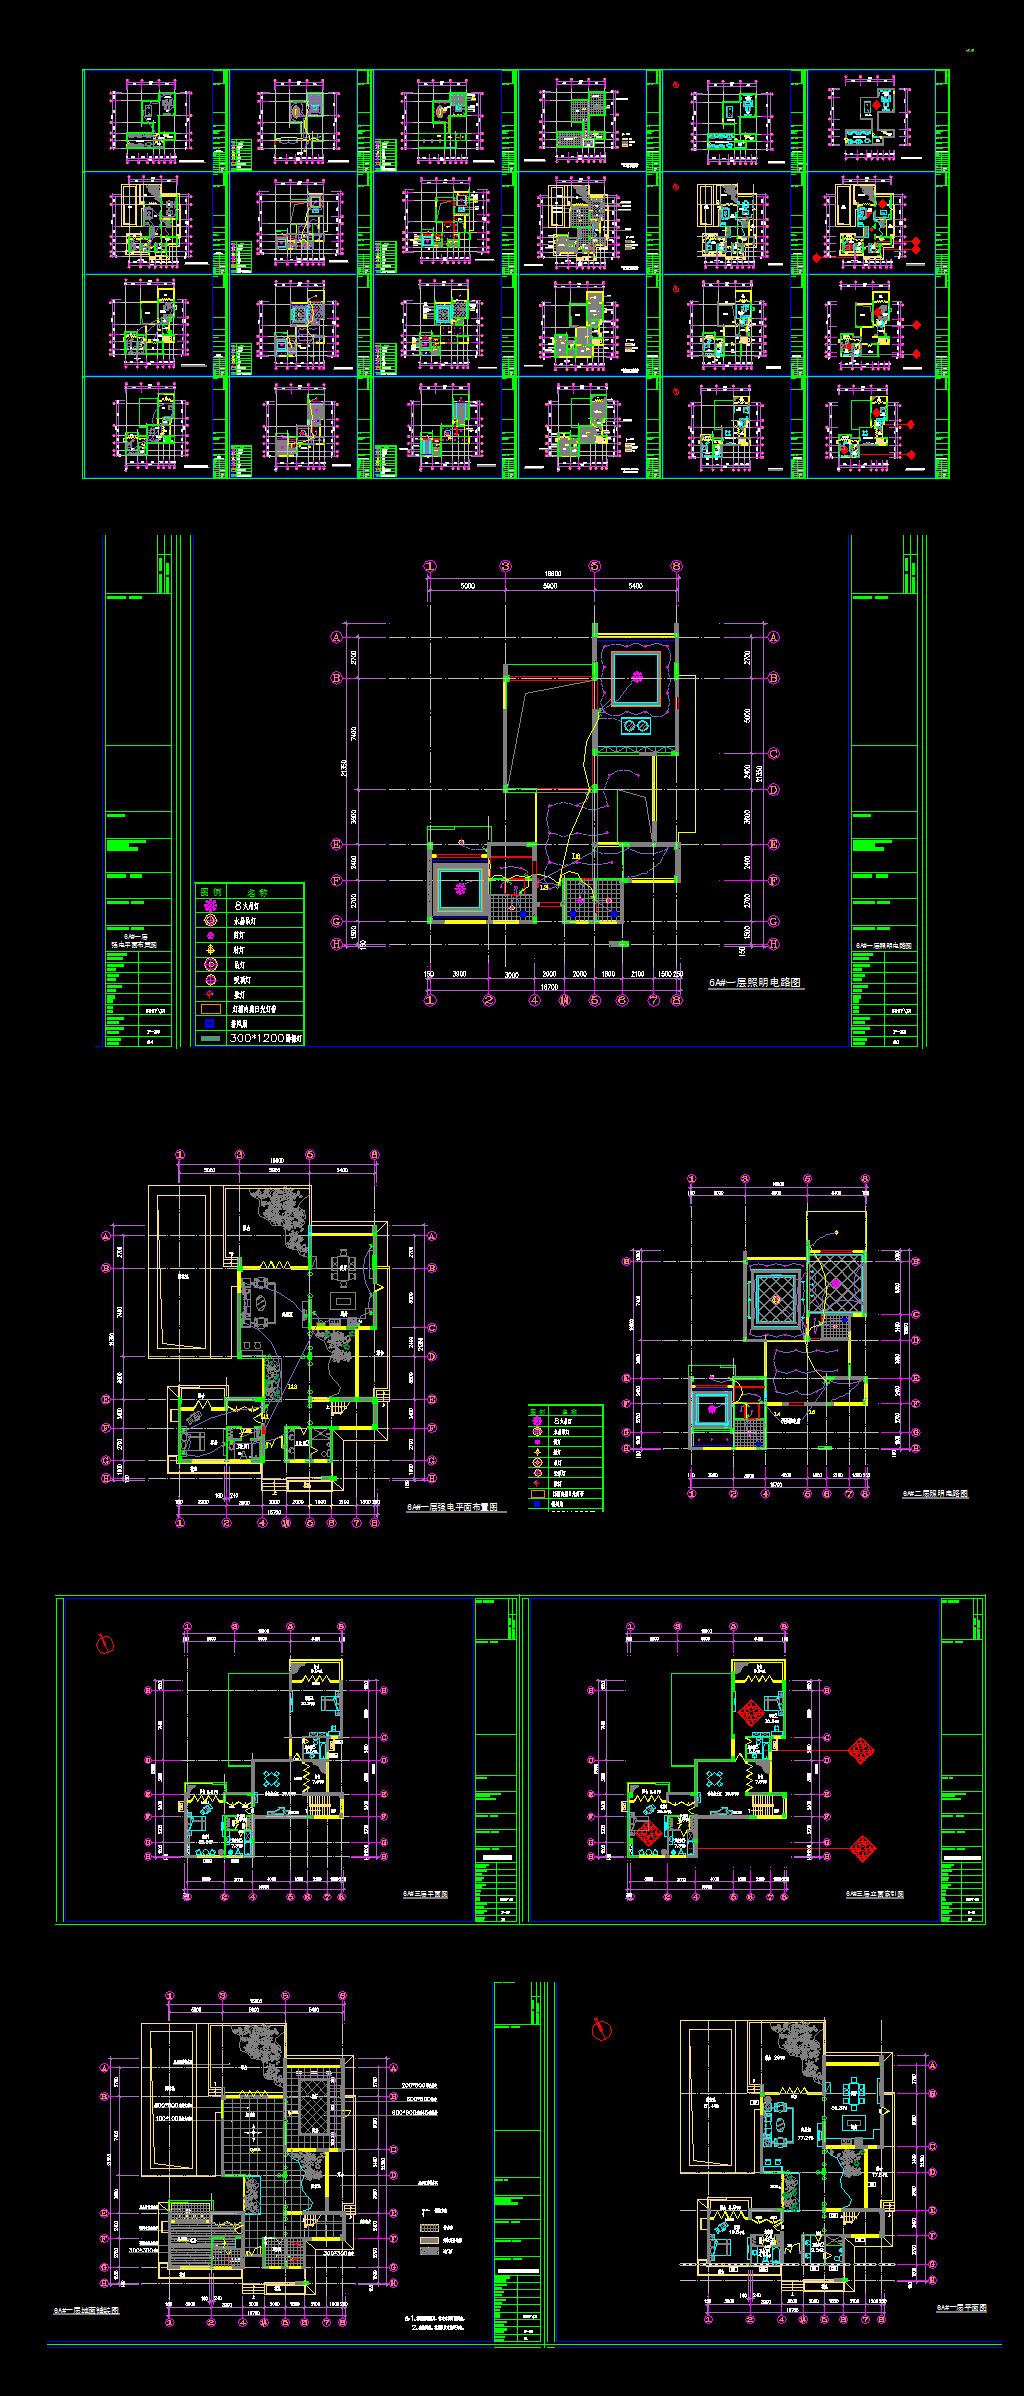 室内cad平面布置图纸图片下载 cad室内平面布置图cad结构图 cad图 ca